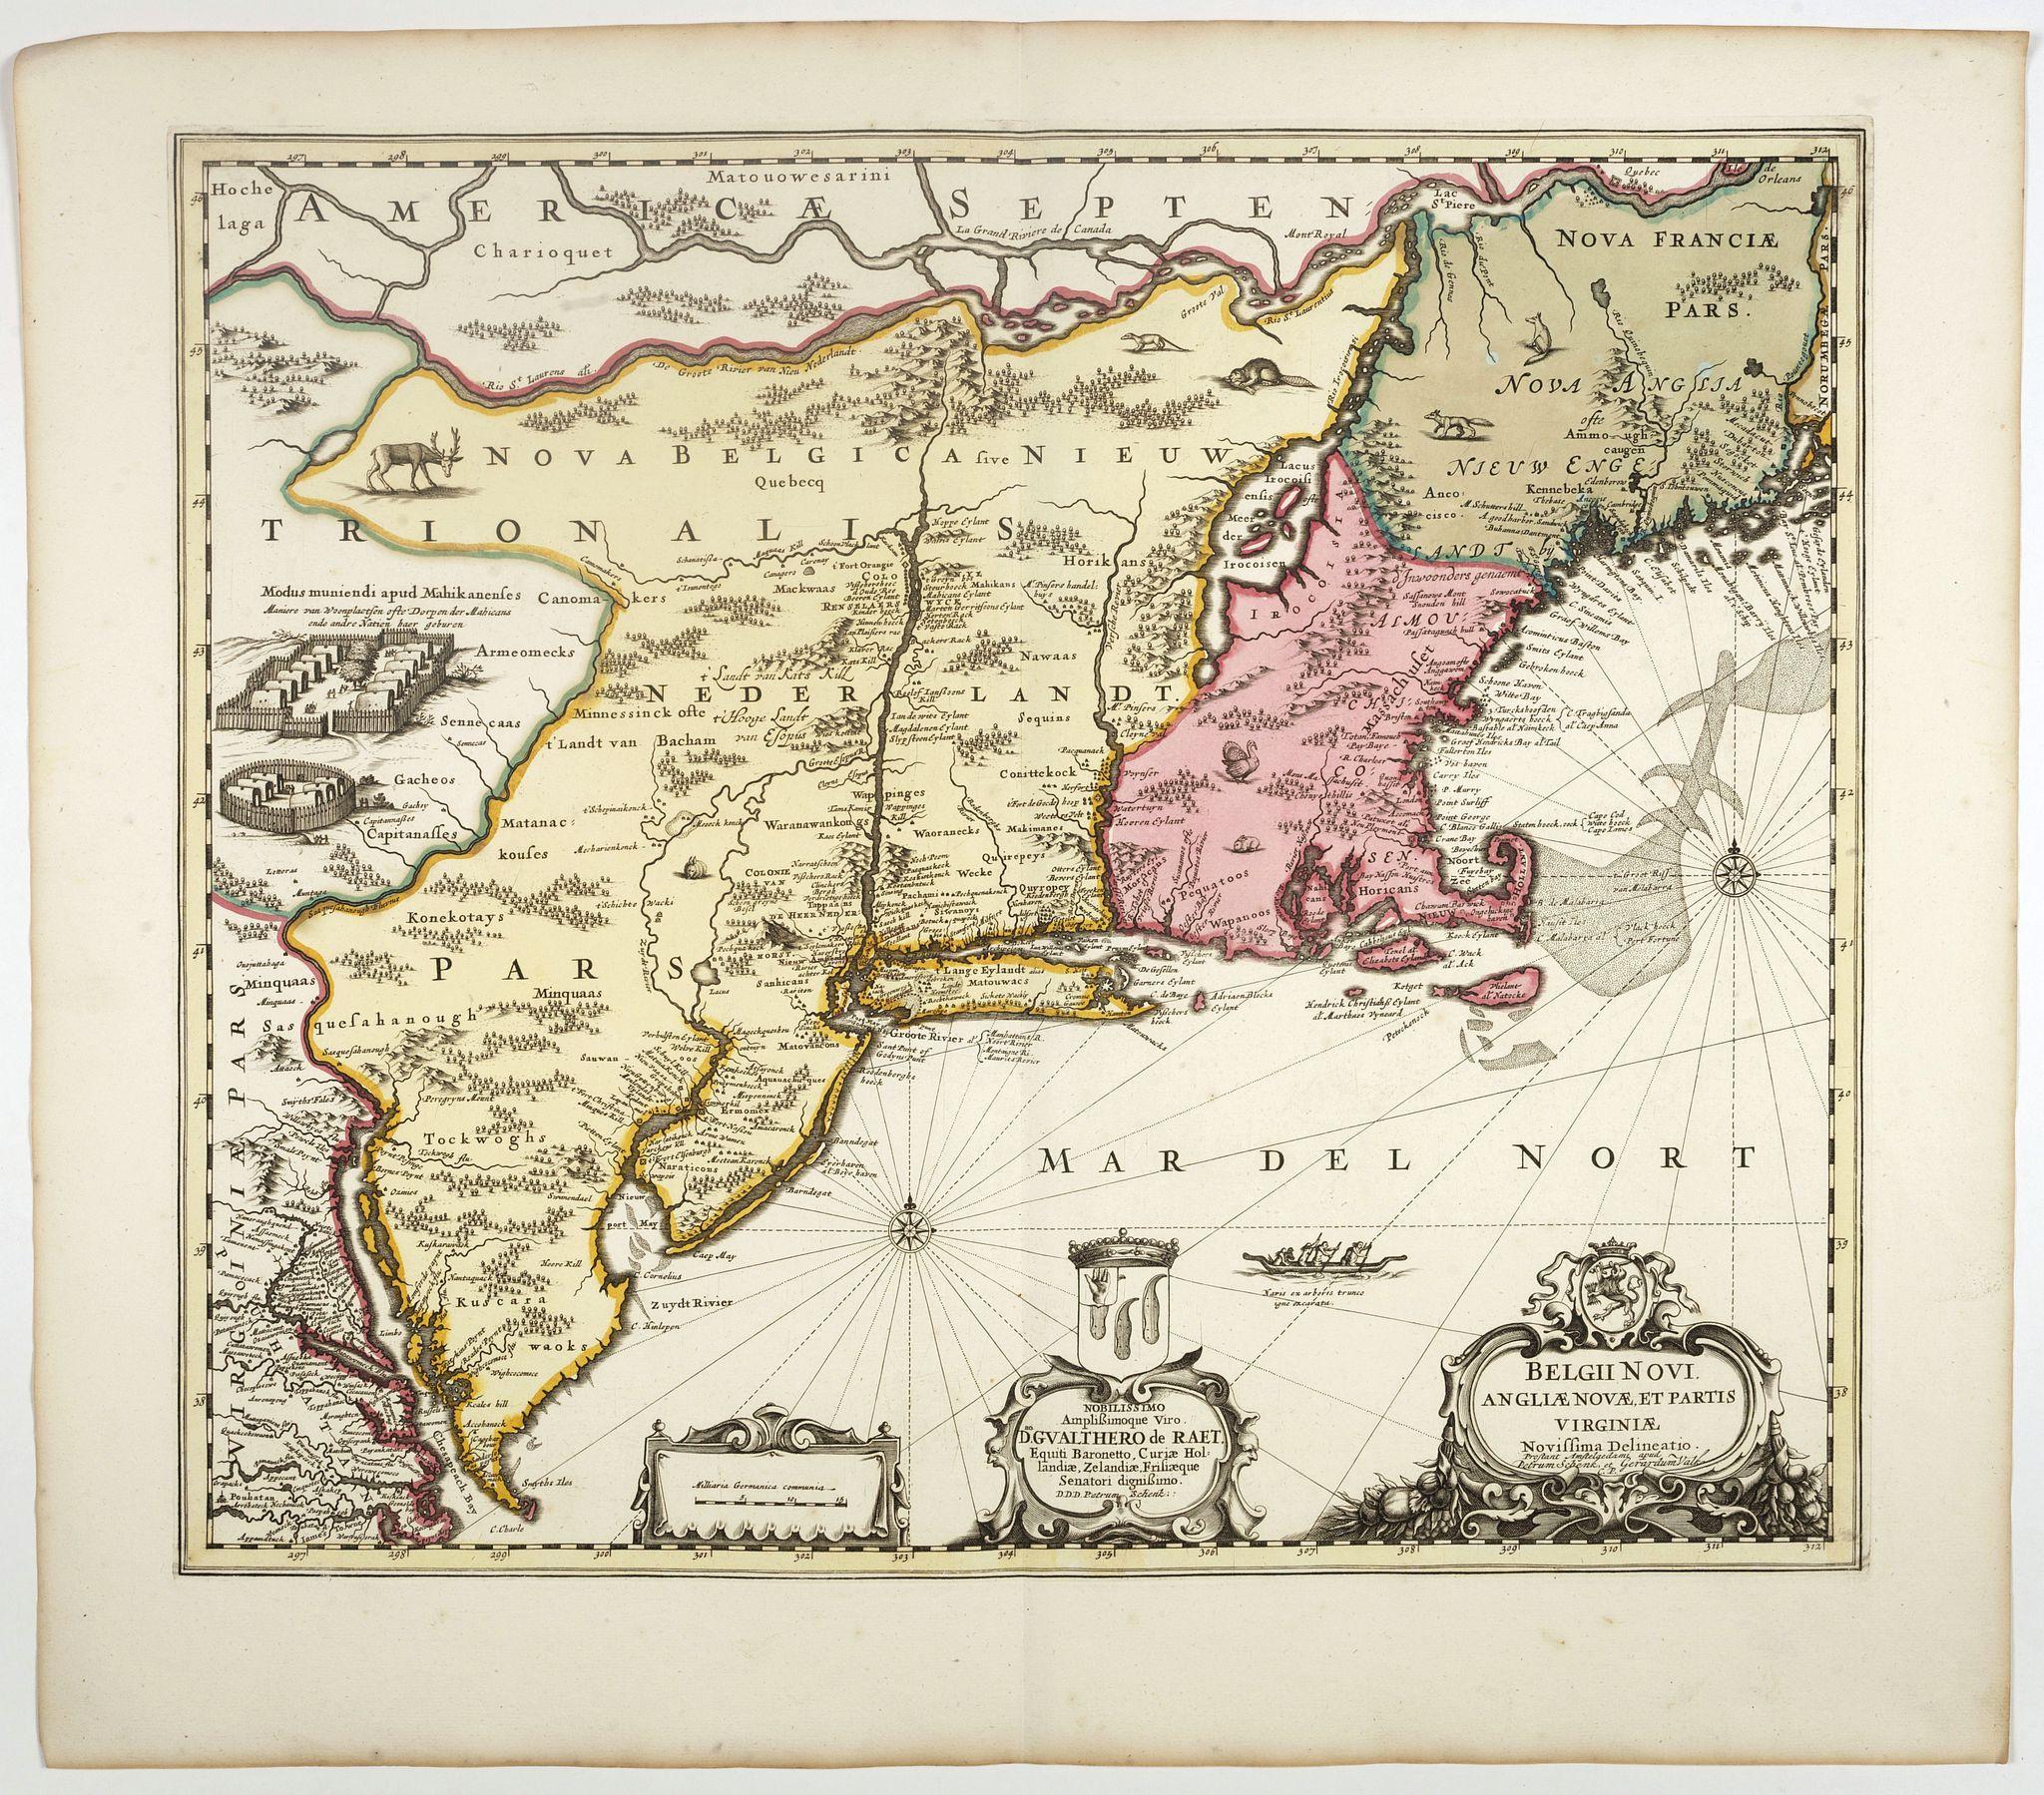 SCHENK, P. -  Belgii novi, angliae novae, et partis Virginiae . . .